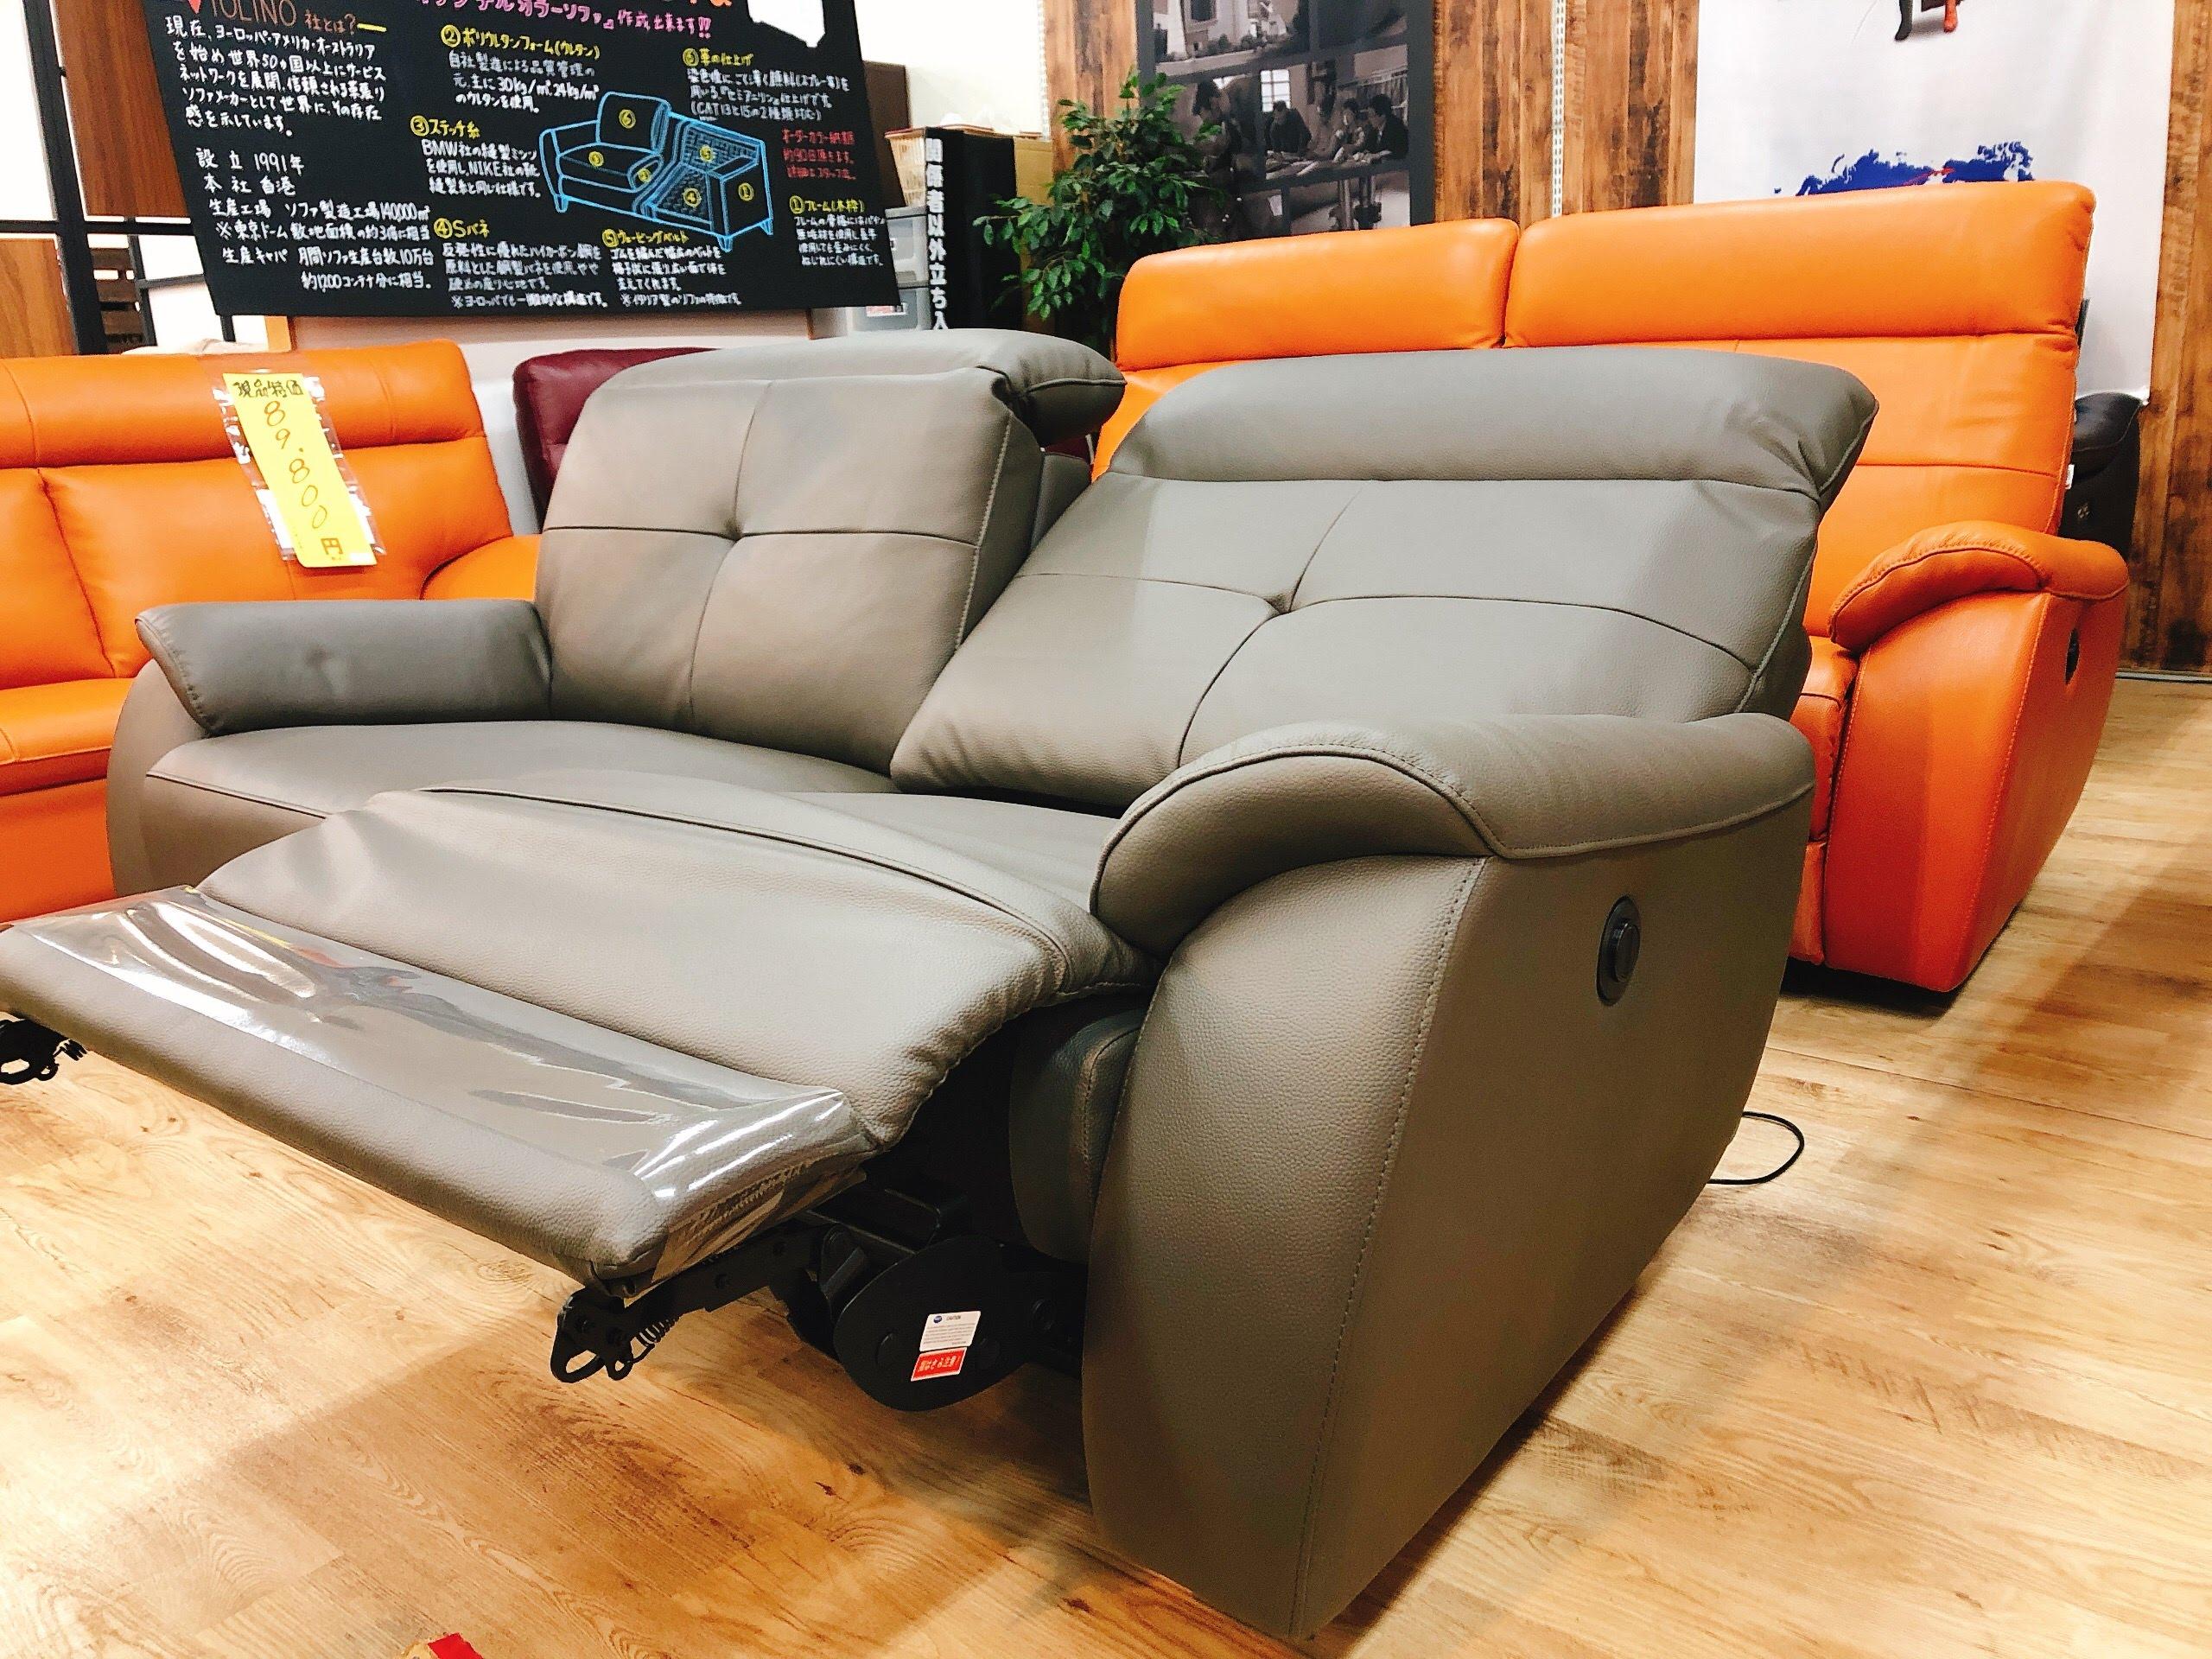 イタリア厚革 電動リクライニングソファー グレー色とオレンジ色 各一台限りの画像1